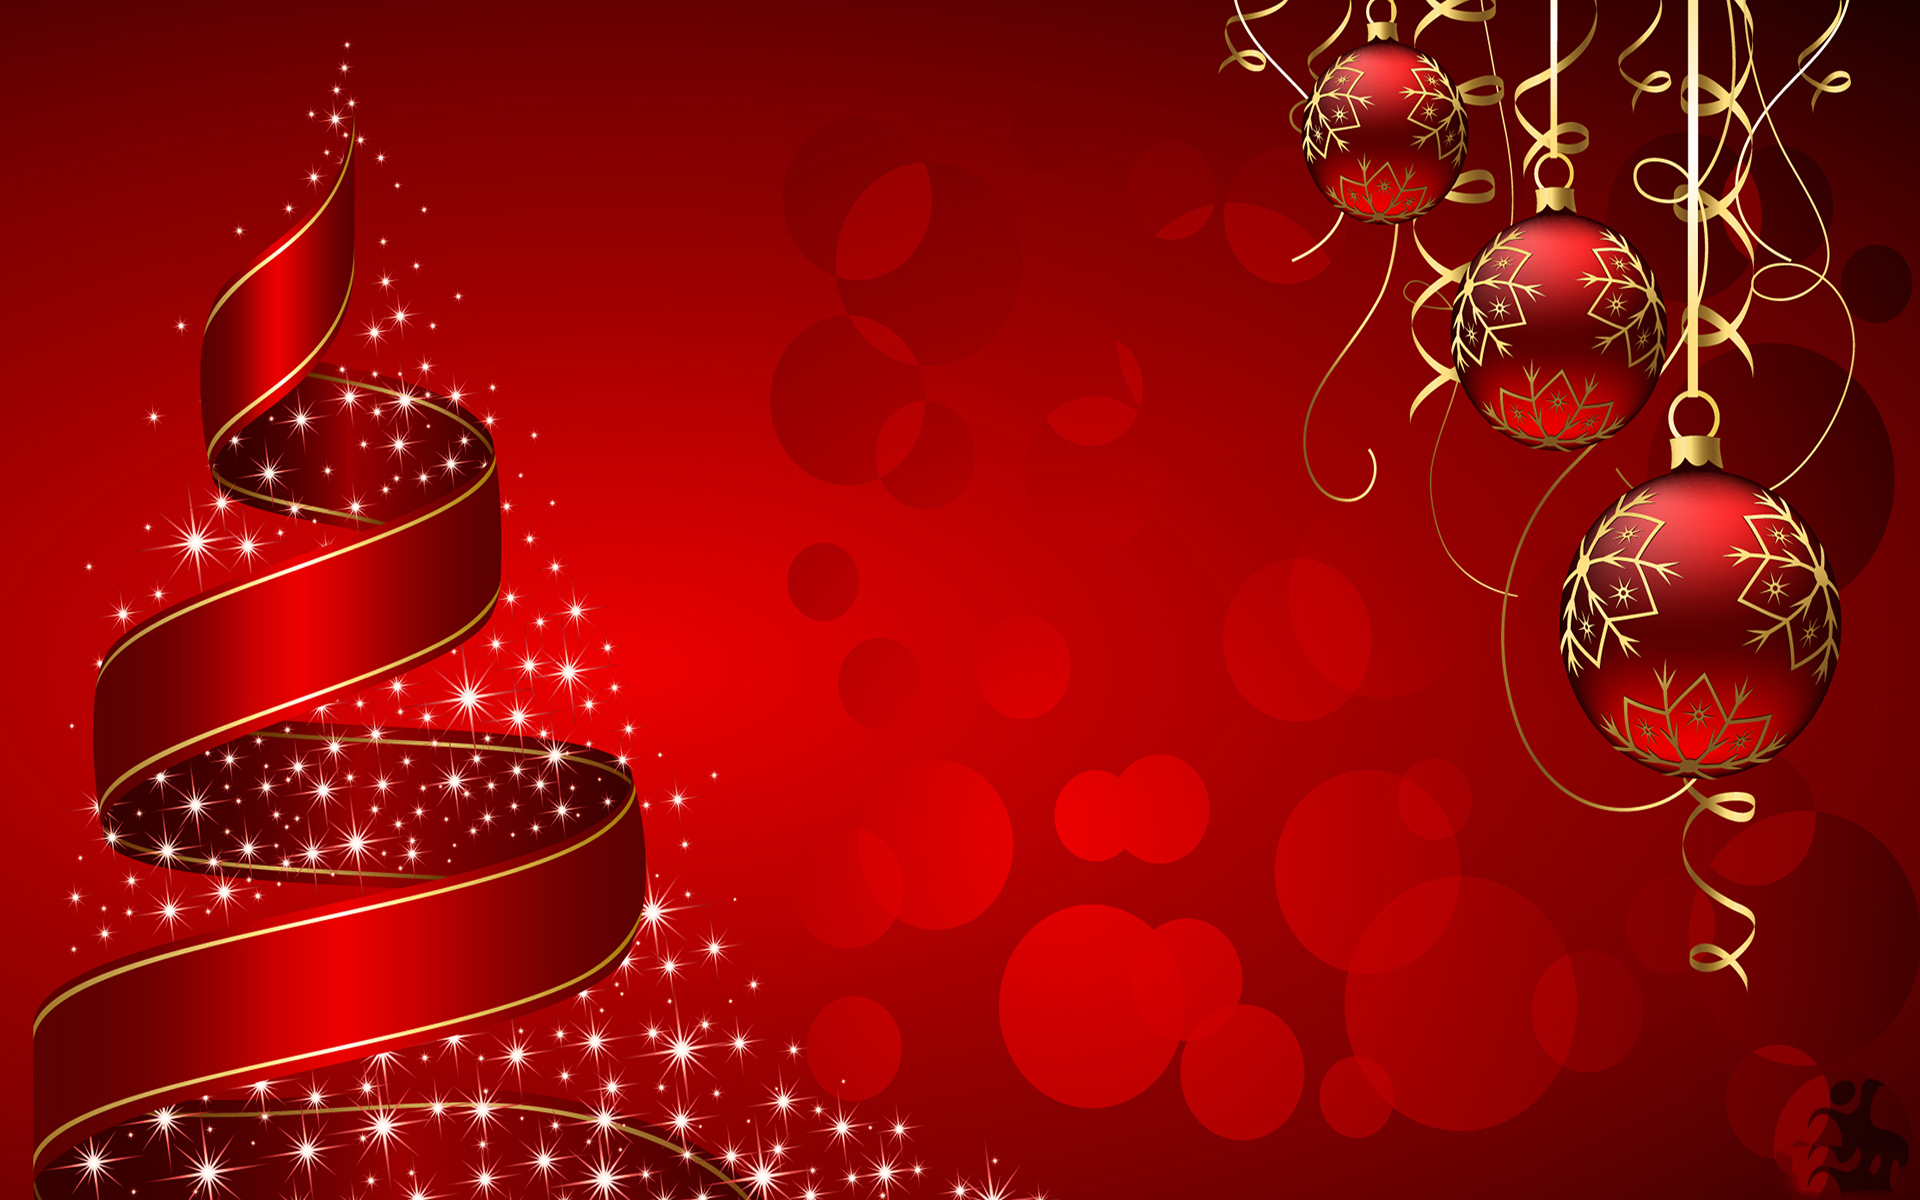 Гифка приветствие, фон открытка с новым годом